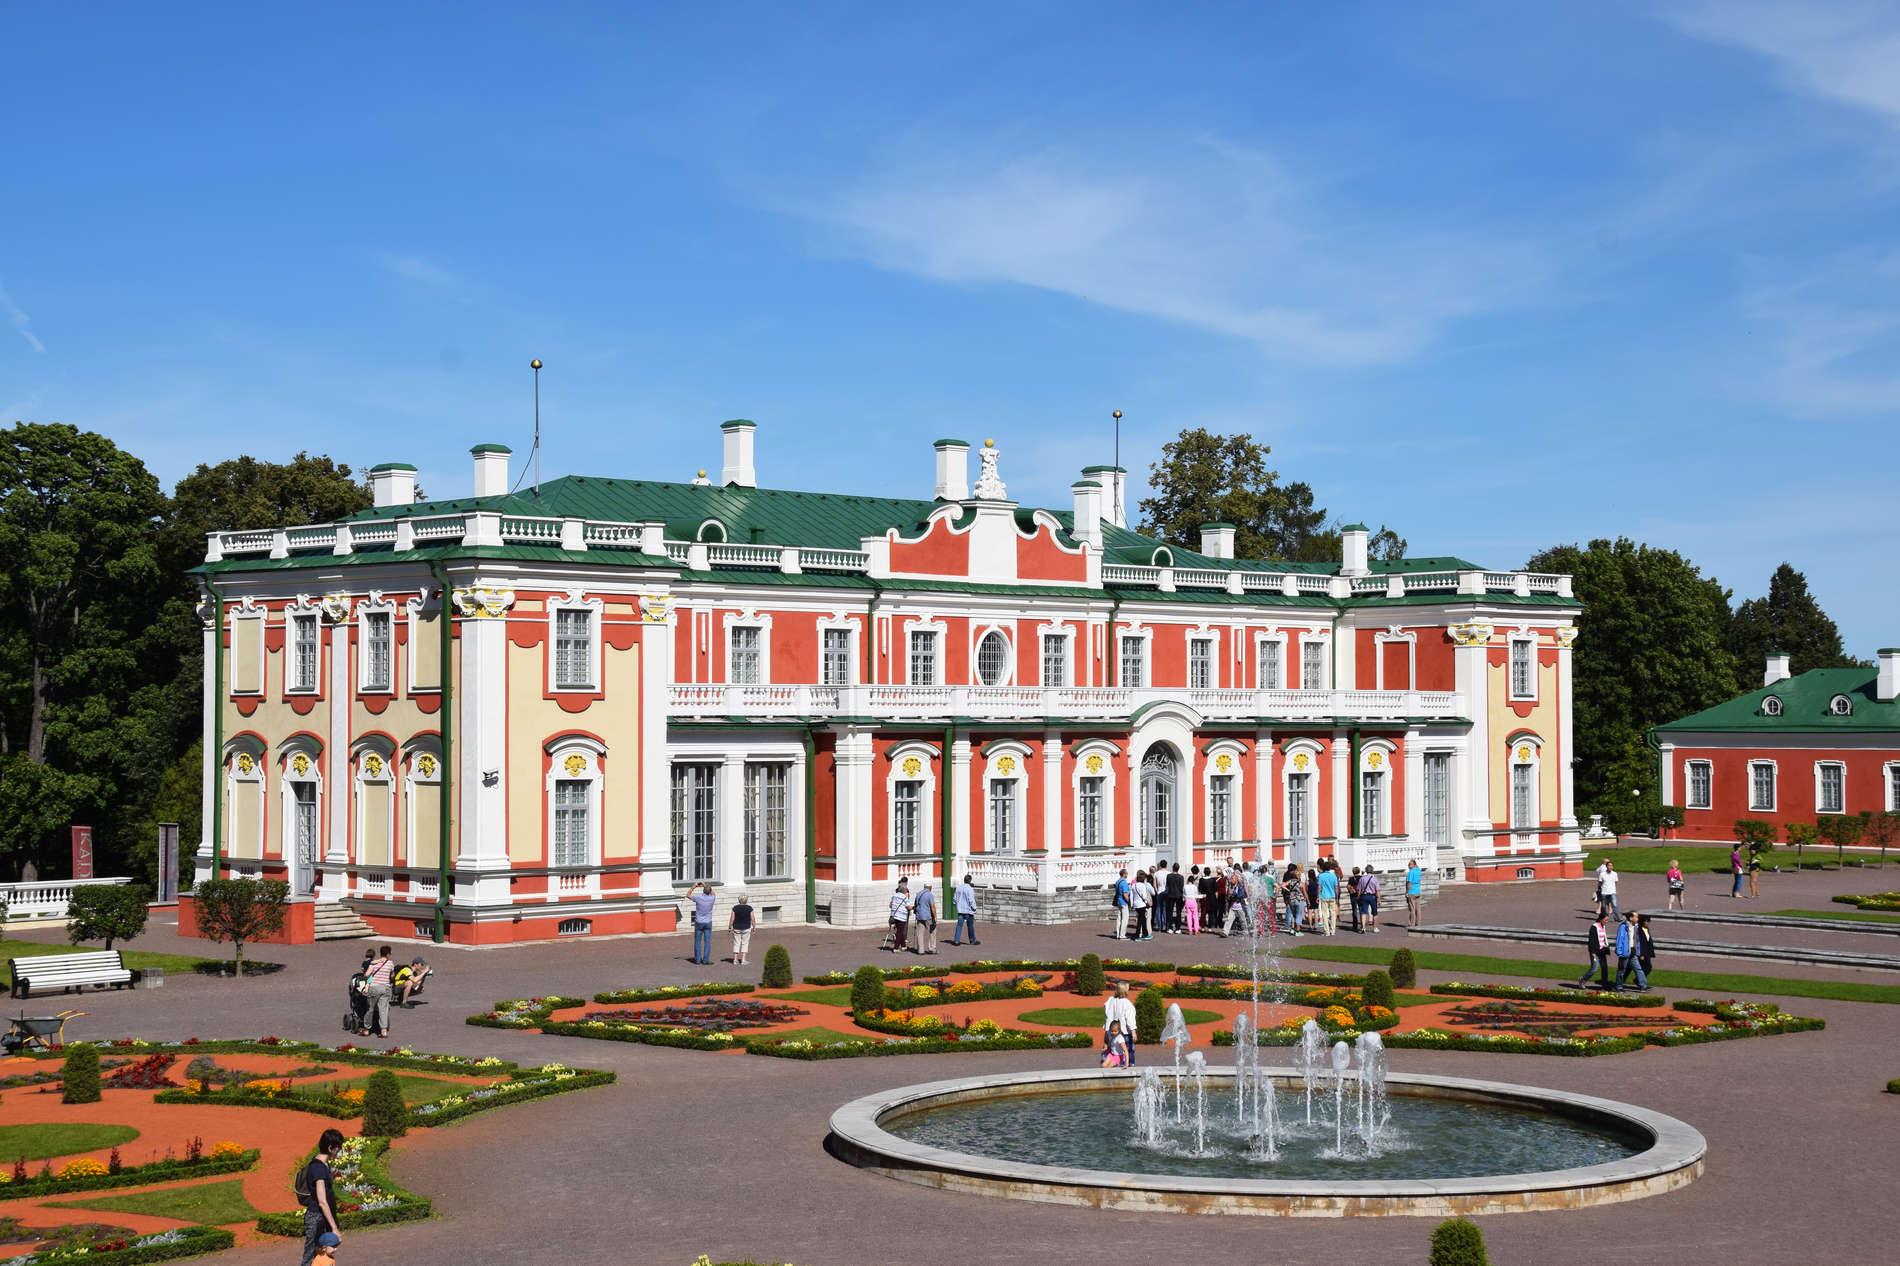 bc705b537f9 Kadriorg – noobel park ja kaunid kunstid - VisitTallinn